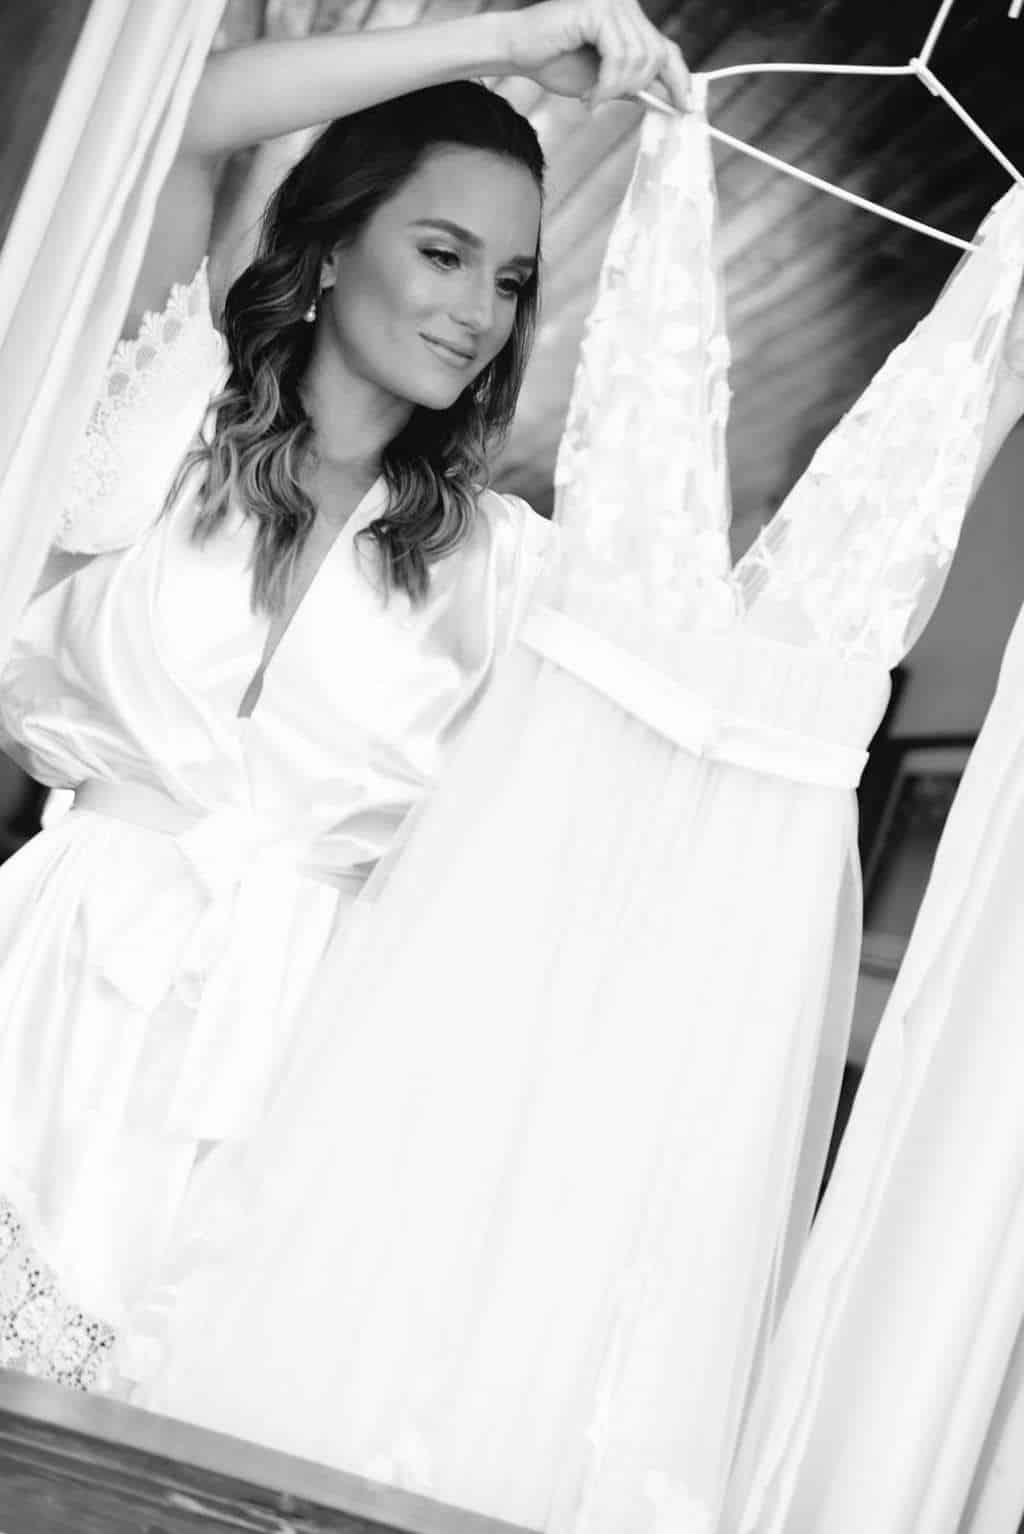 casamento-boho-Casamento-Nicolle-e-Pedro-casamento-rosa-Estalagem-Alter-Real-Fotografia-Estudio-Maria-Celia-Siqueira-Fotografia-Rosana-Sales-Goiania-50